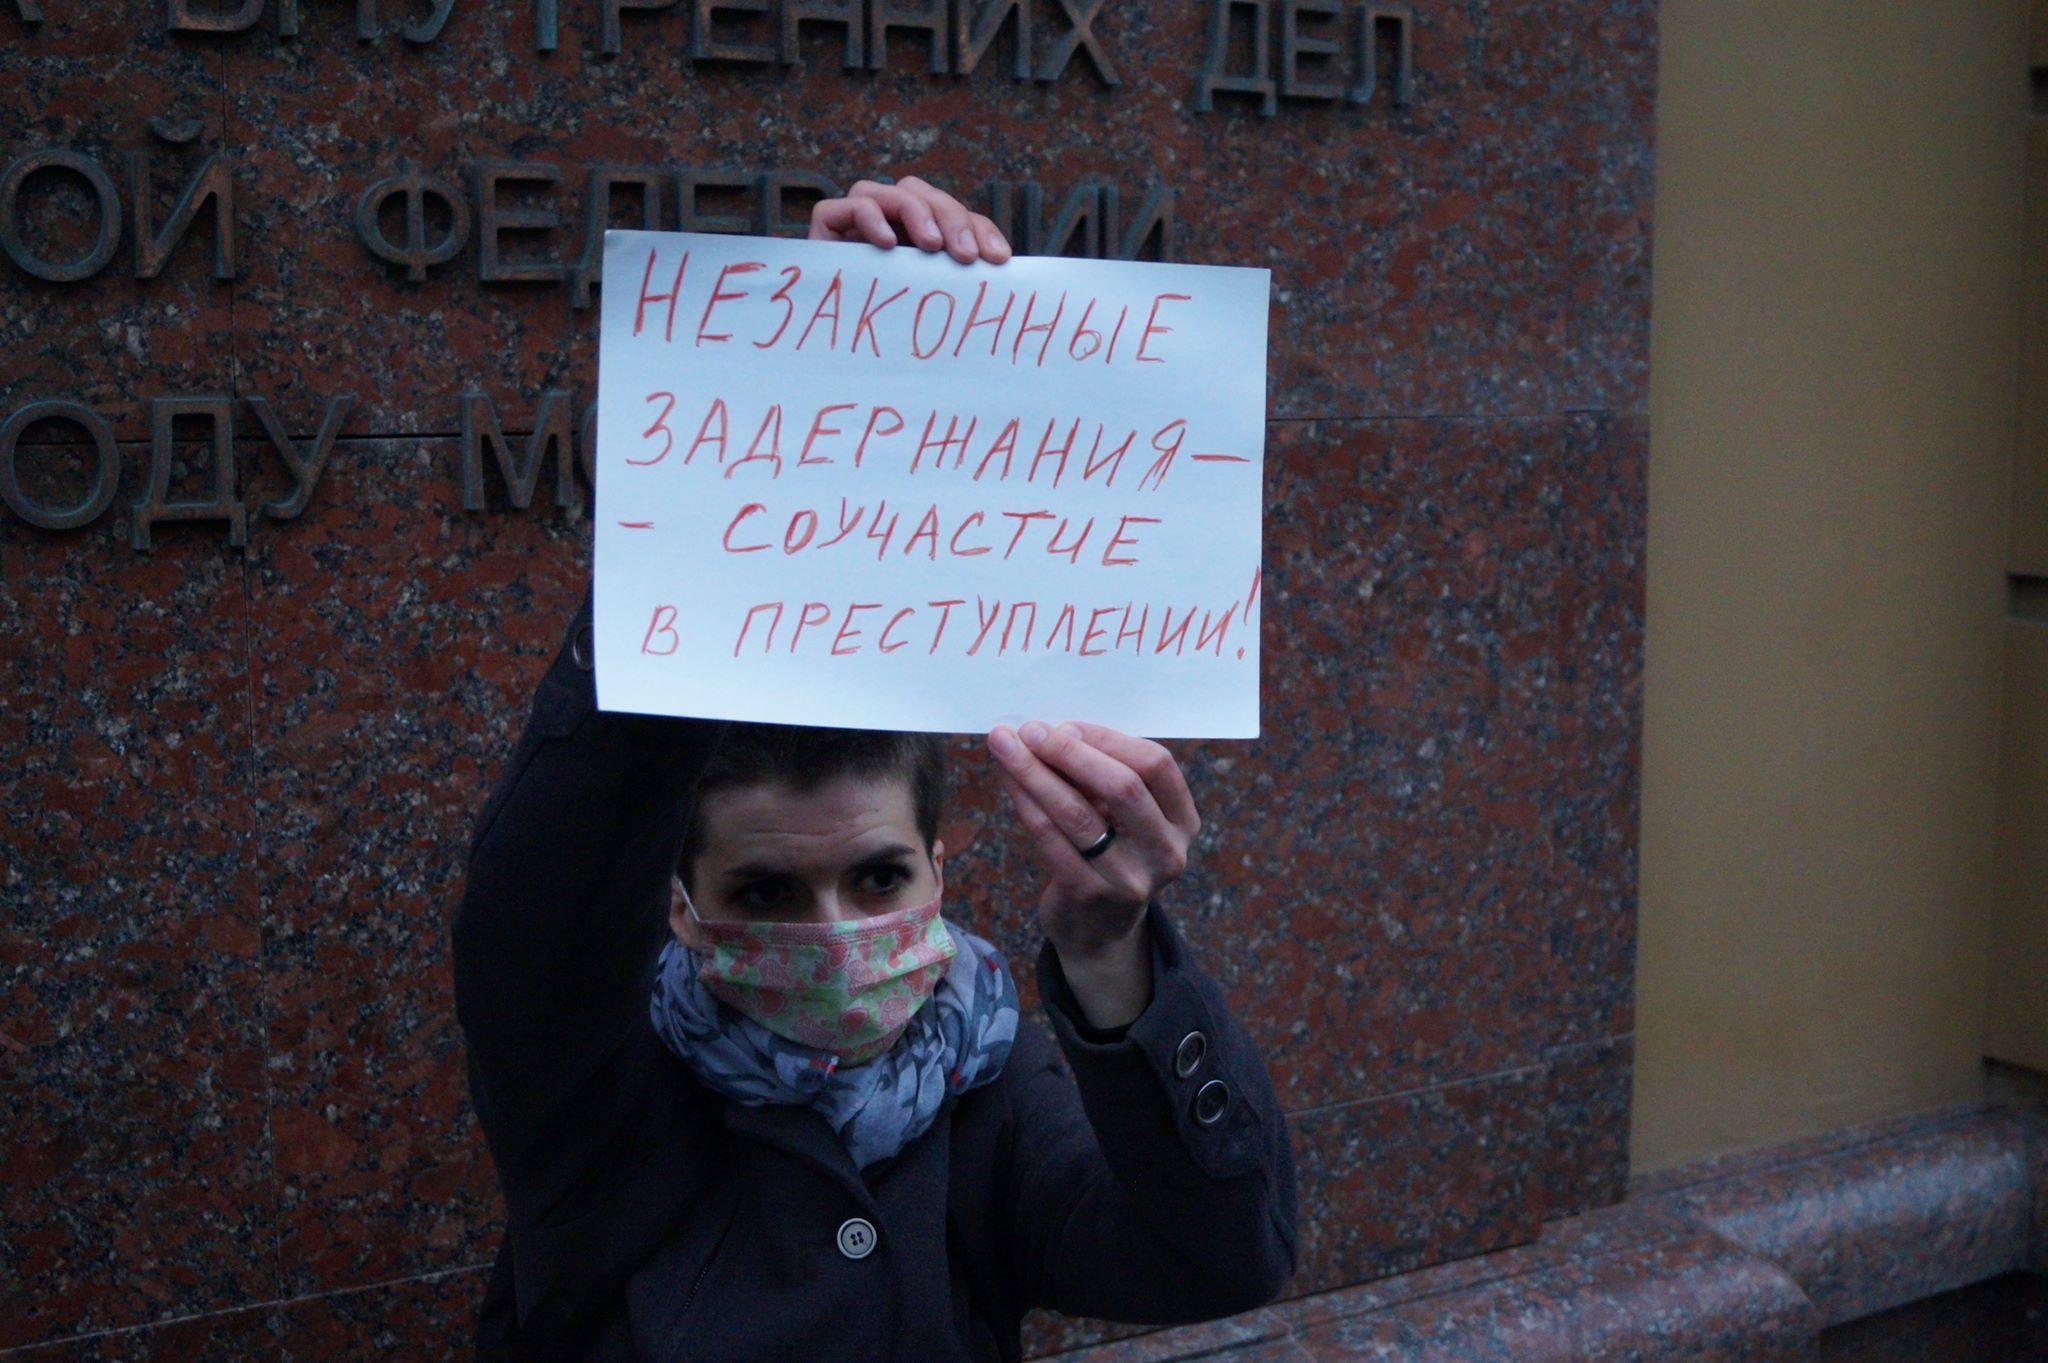 Ксения Логинова вышла на одиночный пикет к зданию ГУ МВД по Москве на Петровке, 38